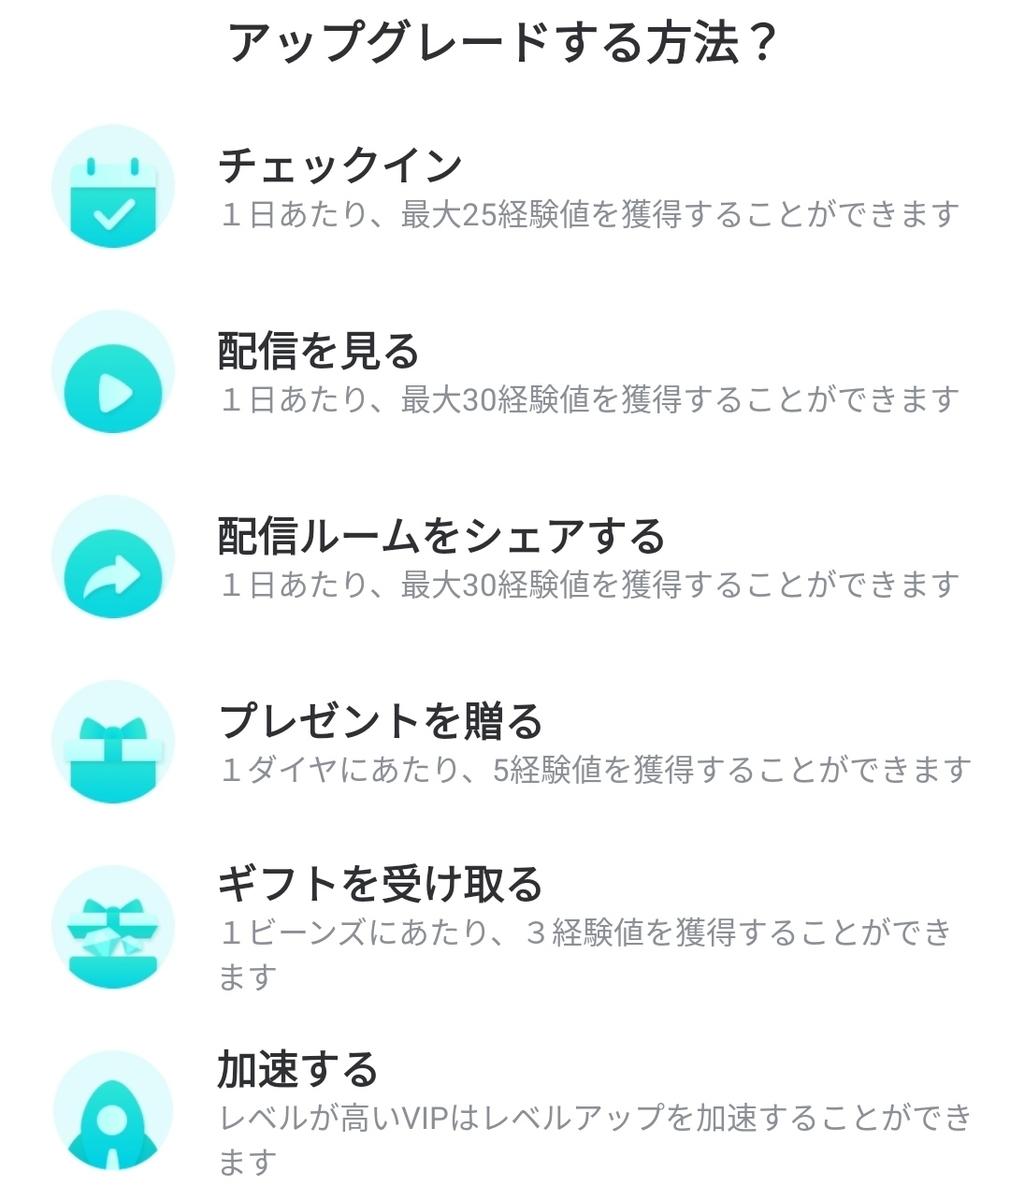 f:id:fukucchimoney:20210214020109j:plain